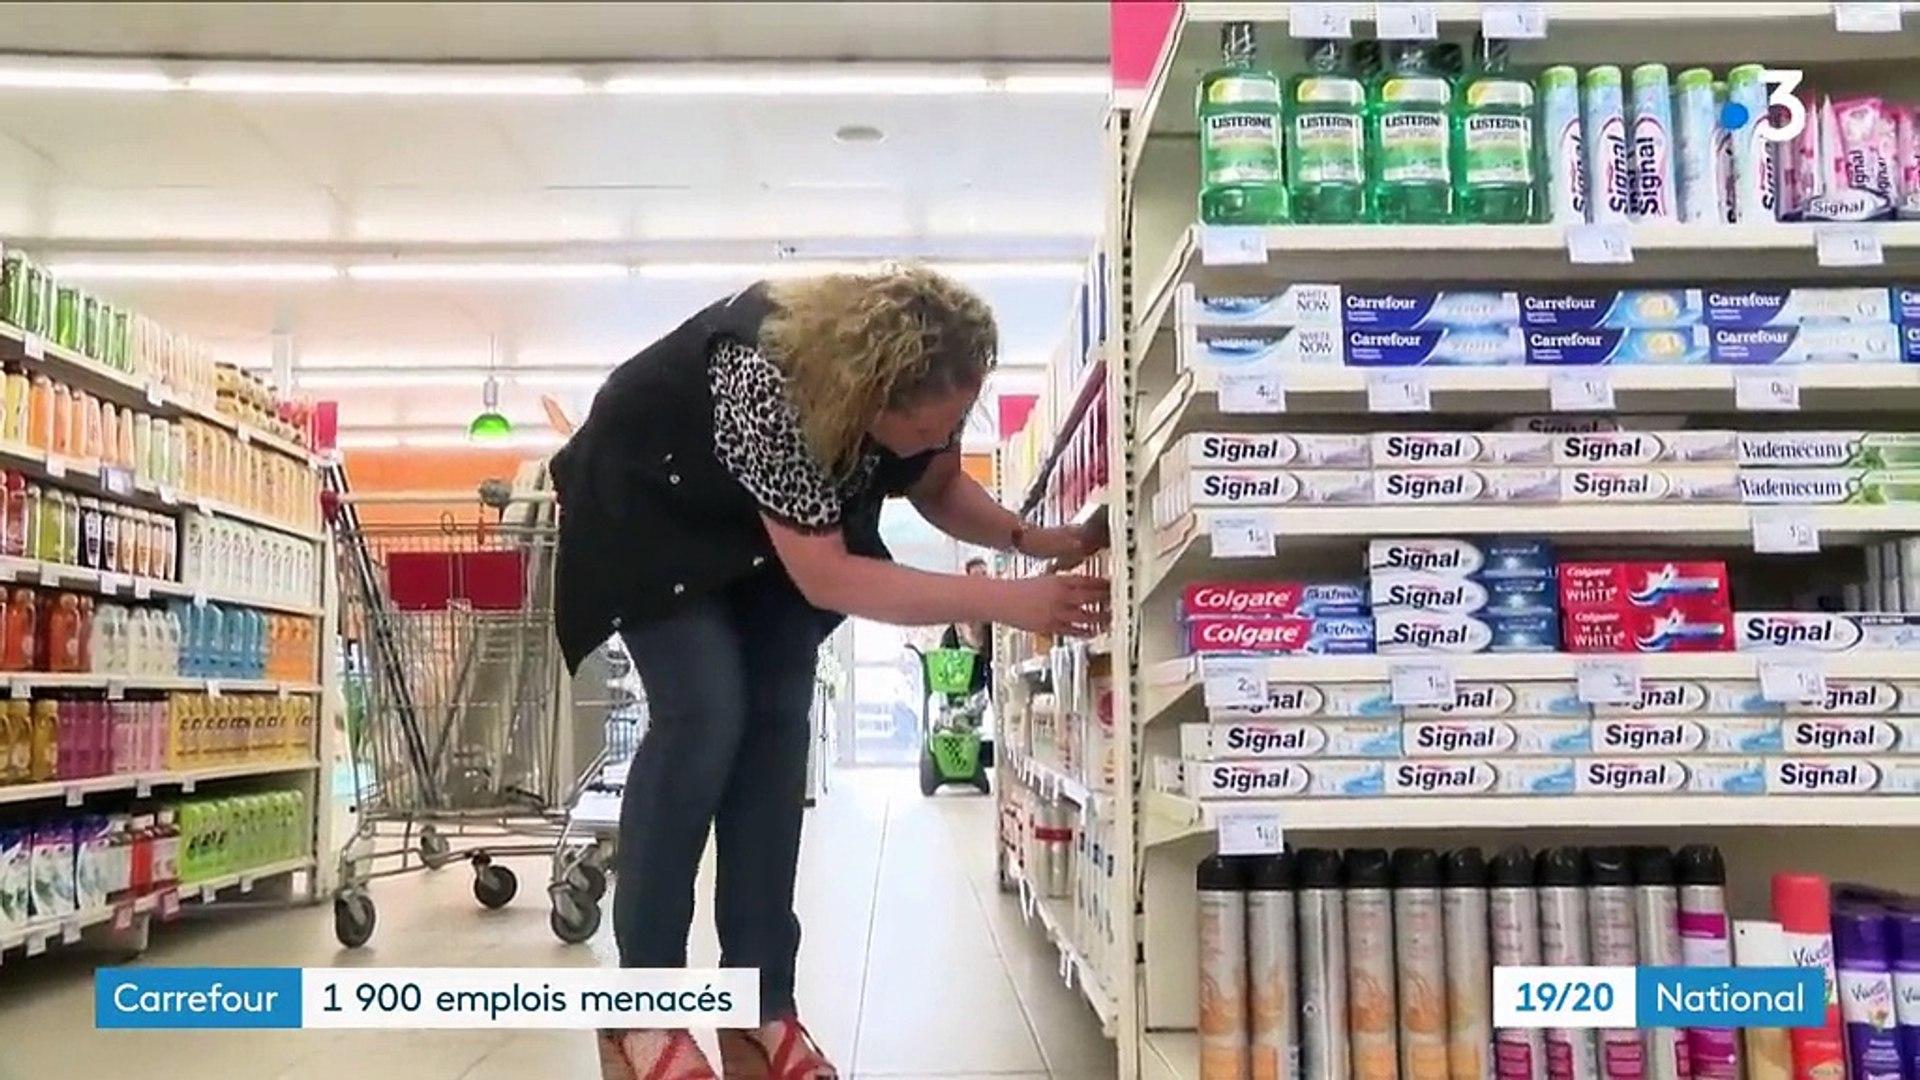 Carrefour Tristesse Chez Les Salariés Avant La Fermeture Définitive